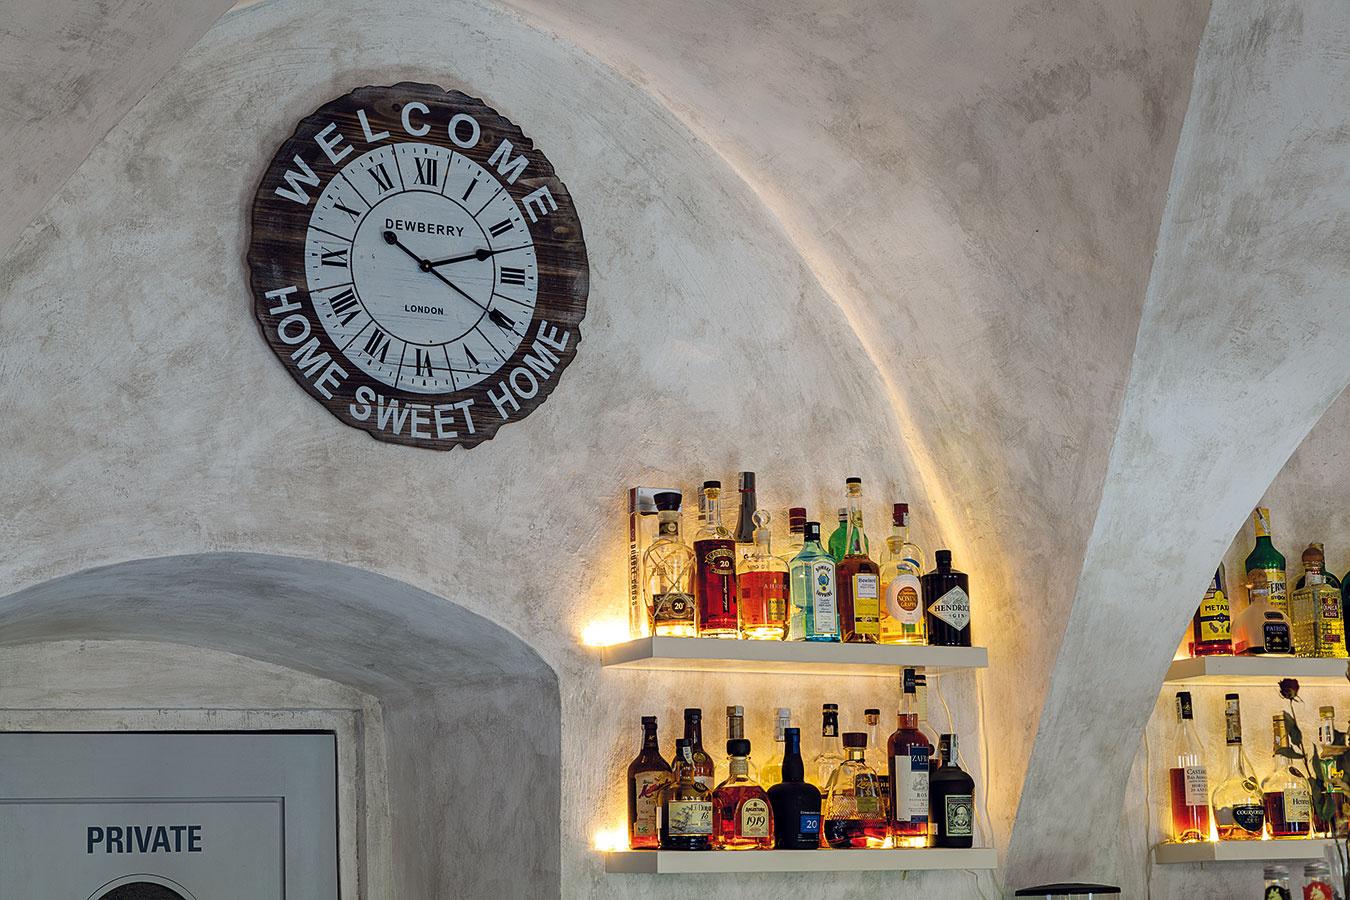 Kaviareň sídli v meštianskom dome, ktorý je zároveň národnou kultúrnou pamiatkou. Historický charakter inak moderne ladeného priestoru podčiarkuje zachovanie pôvodnej klenby aj povrchová úprava stien.